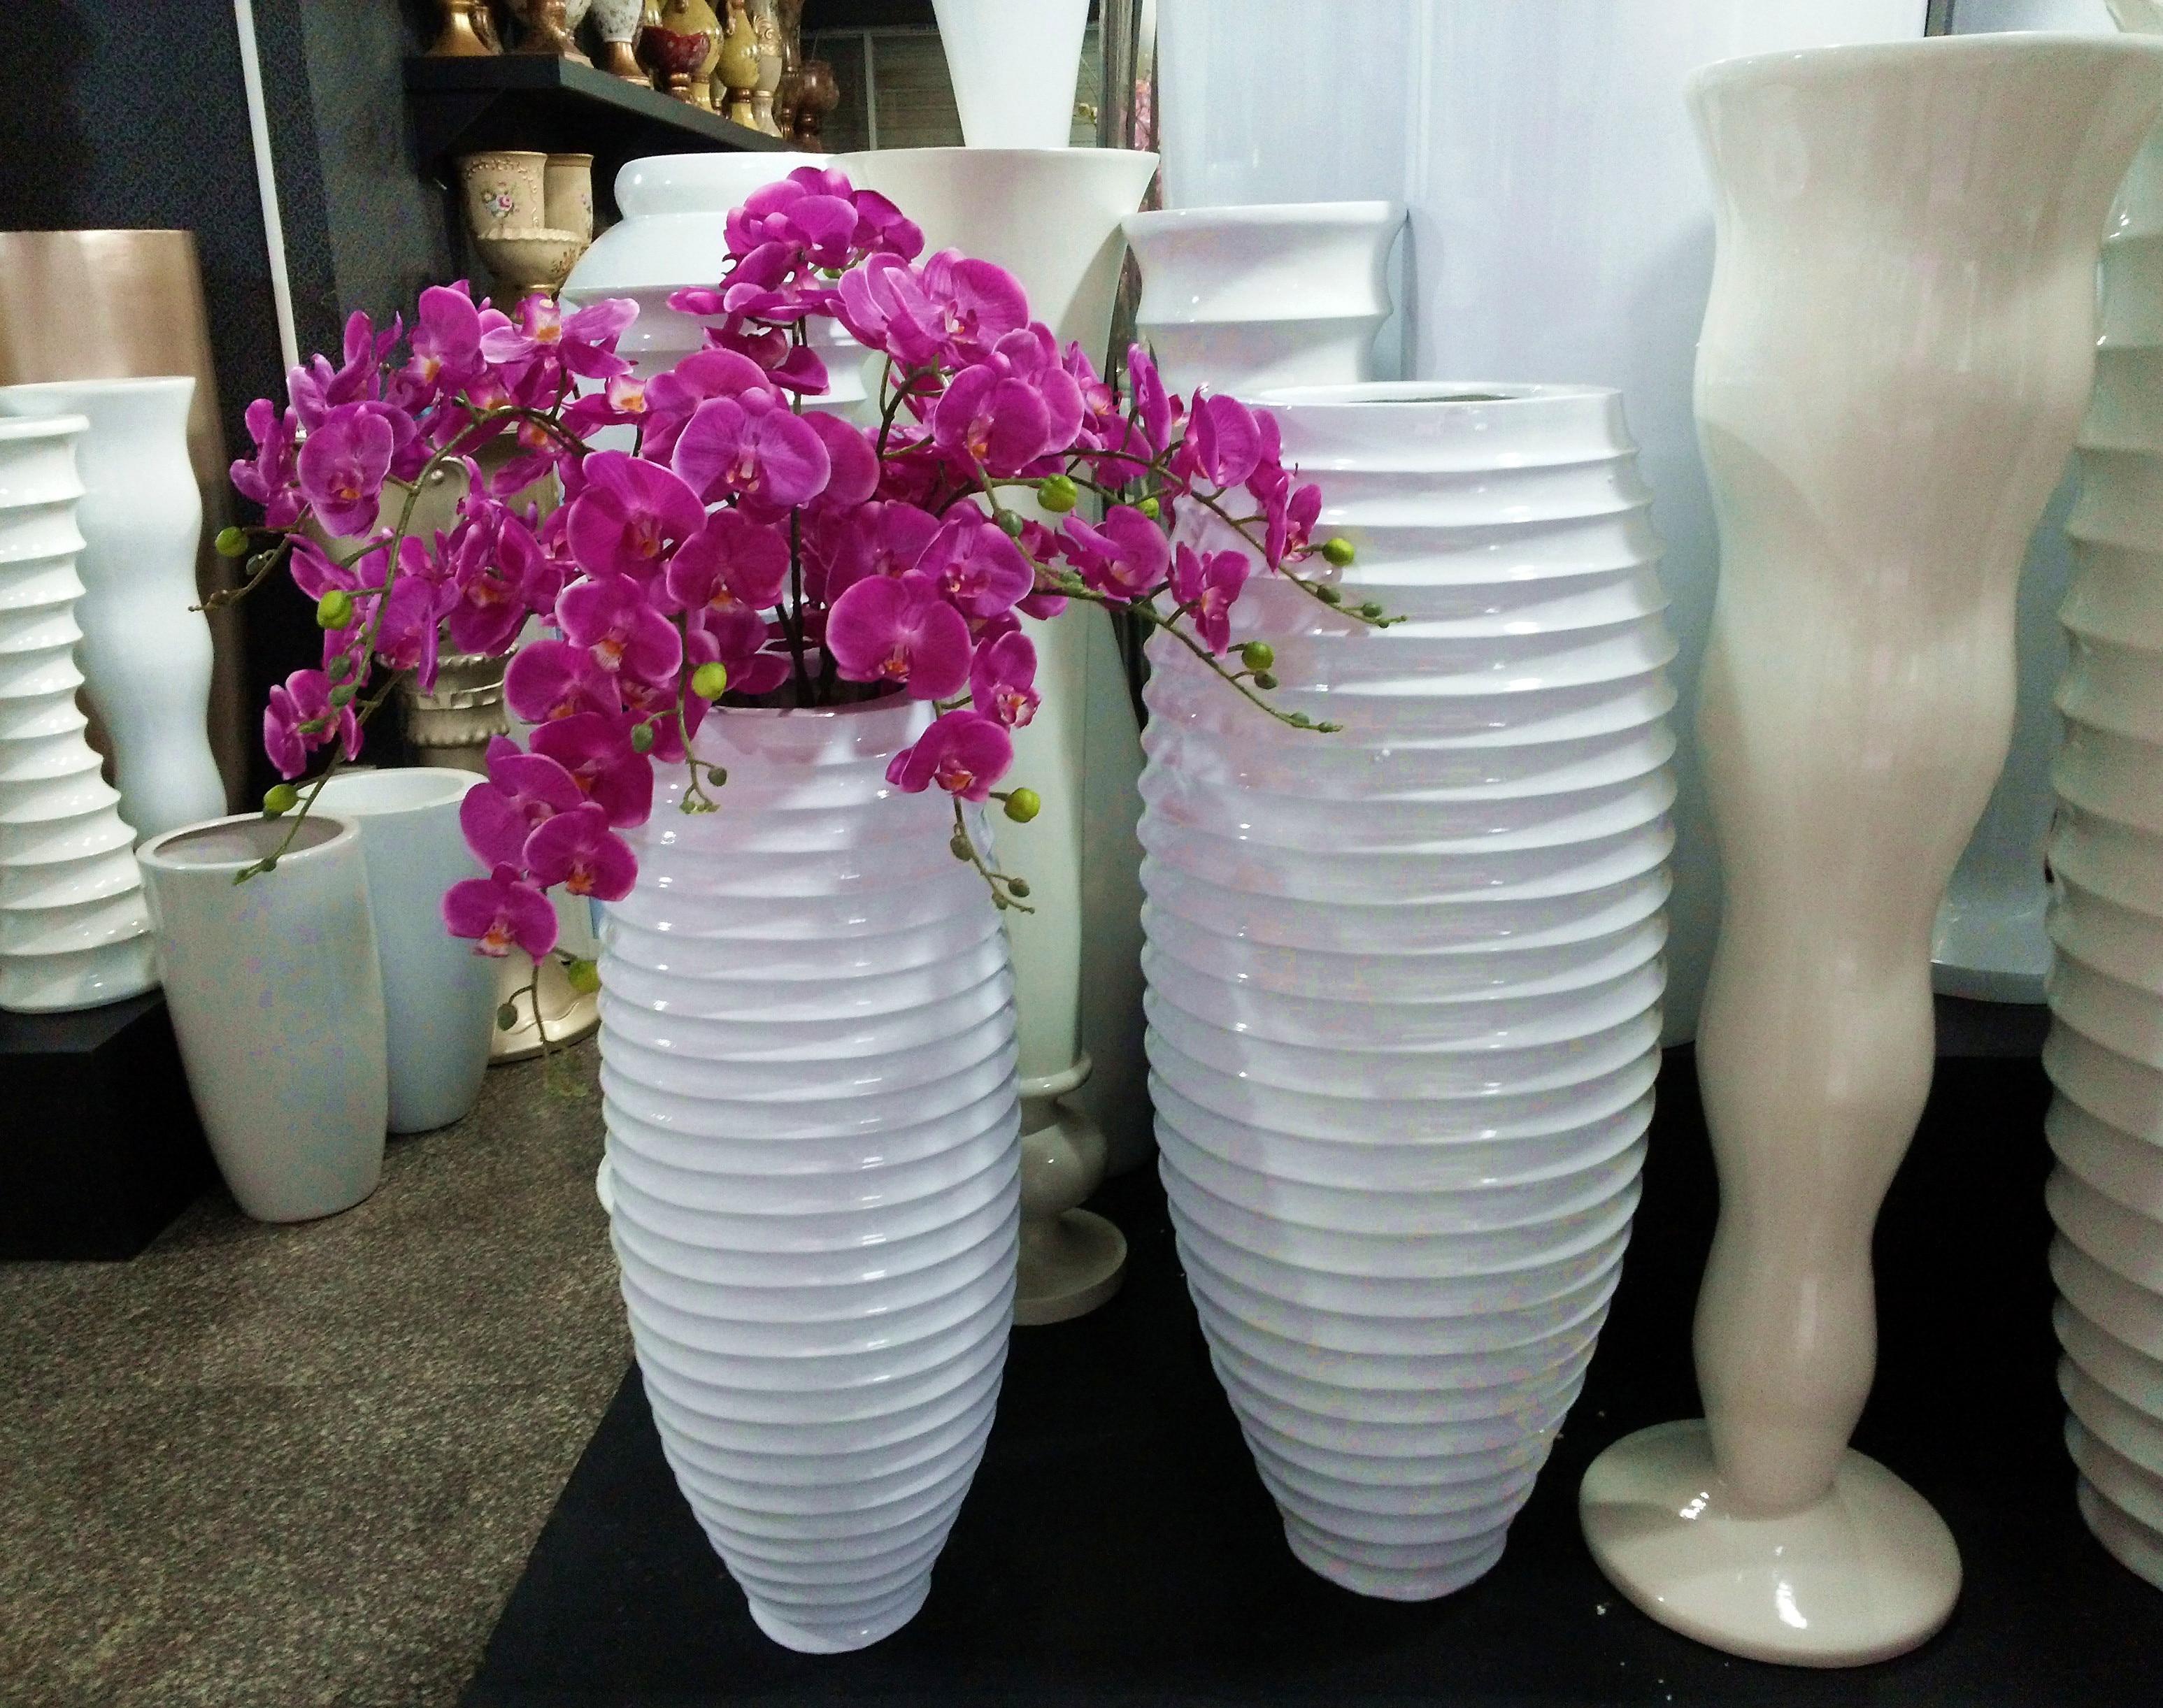 u zuhause modernen kurze wei en faden vase franz sisch eingestellt mode gro e dekoration in u. Black Bedroom Furniture Sets. Home Design Ideas